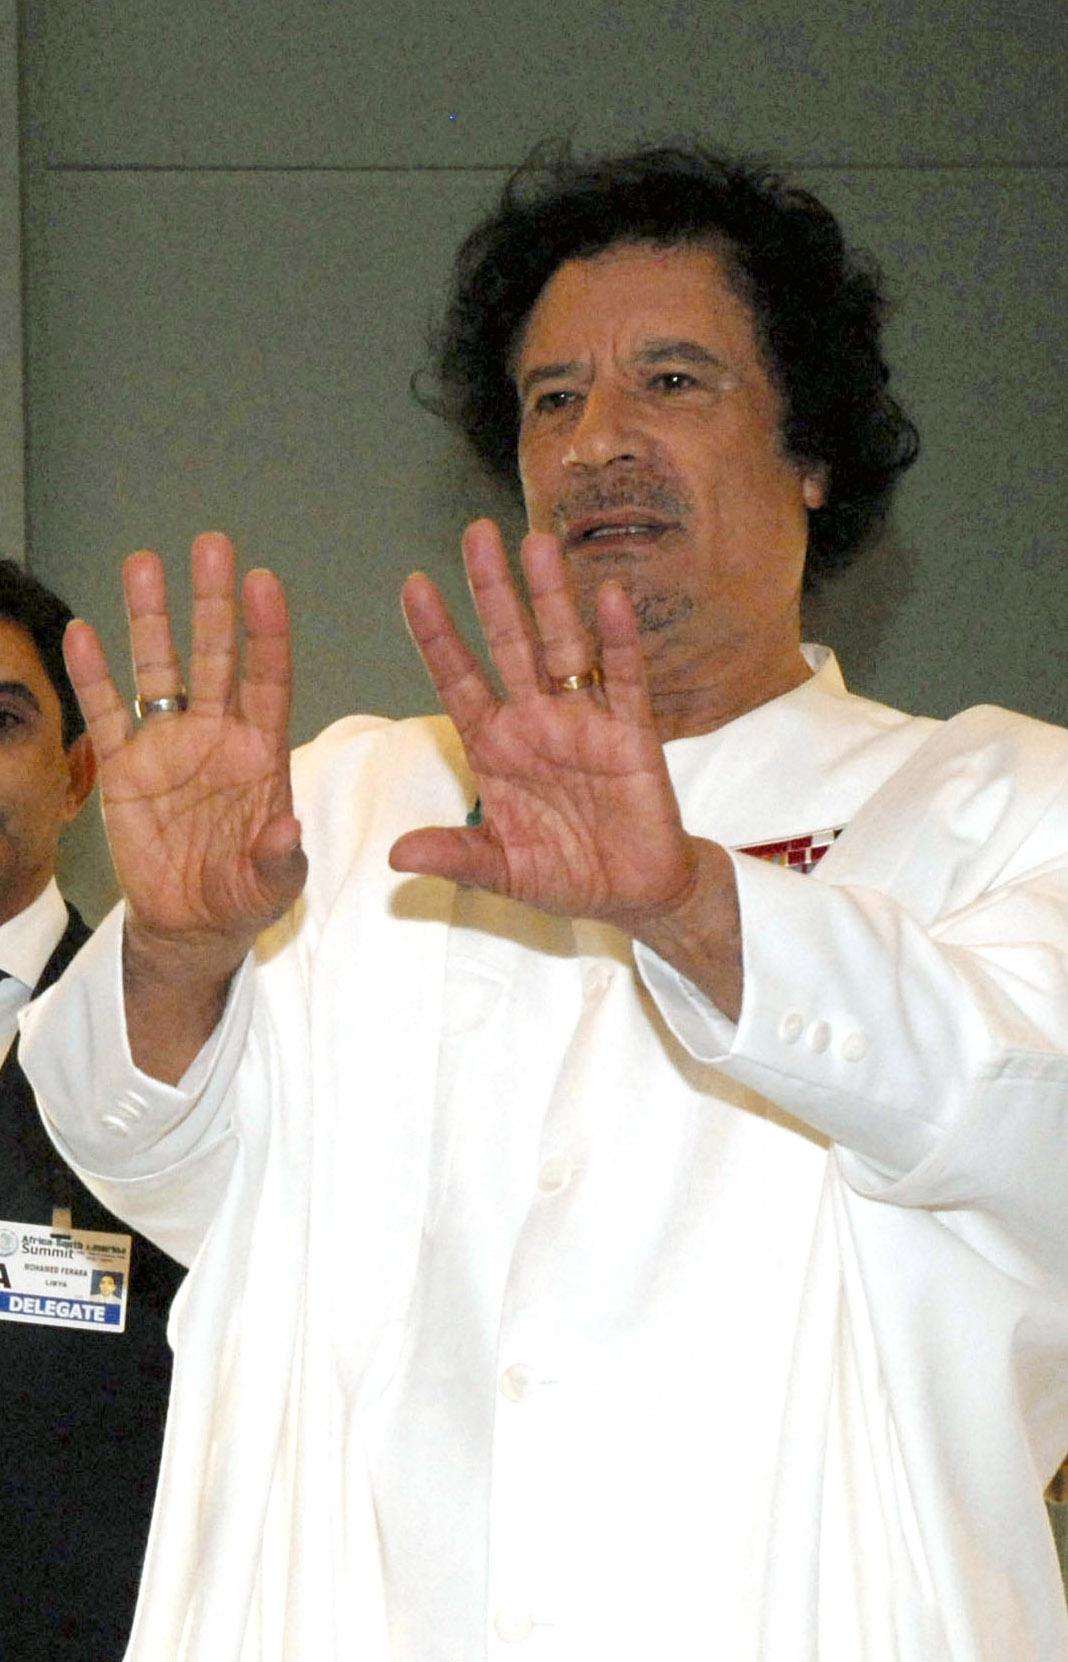 Al Gaddafi